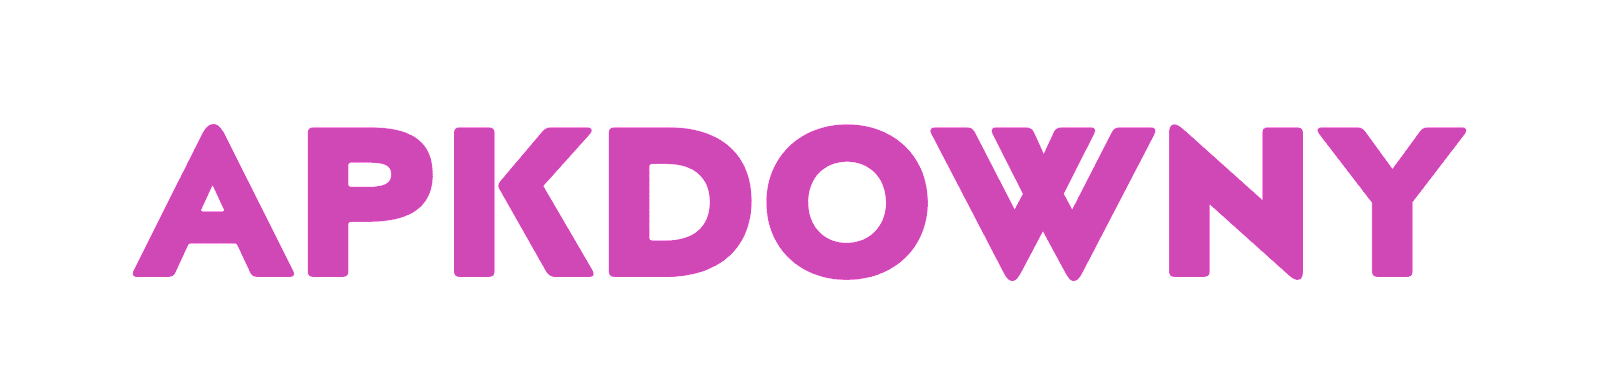 أبك داوني | تحميل احدث العاب و تطبيقات الاندرويد 2022